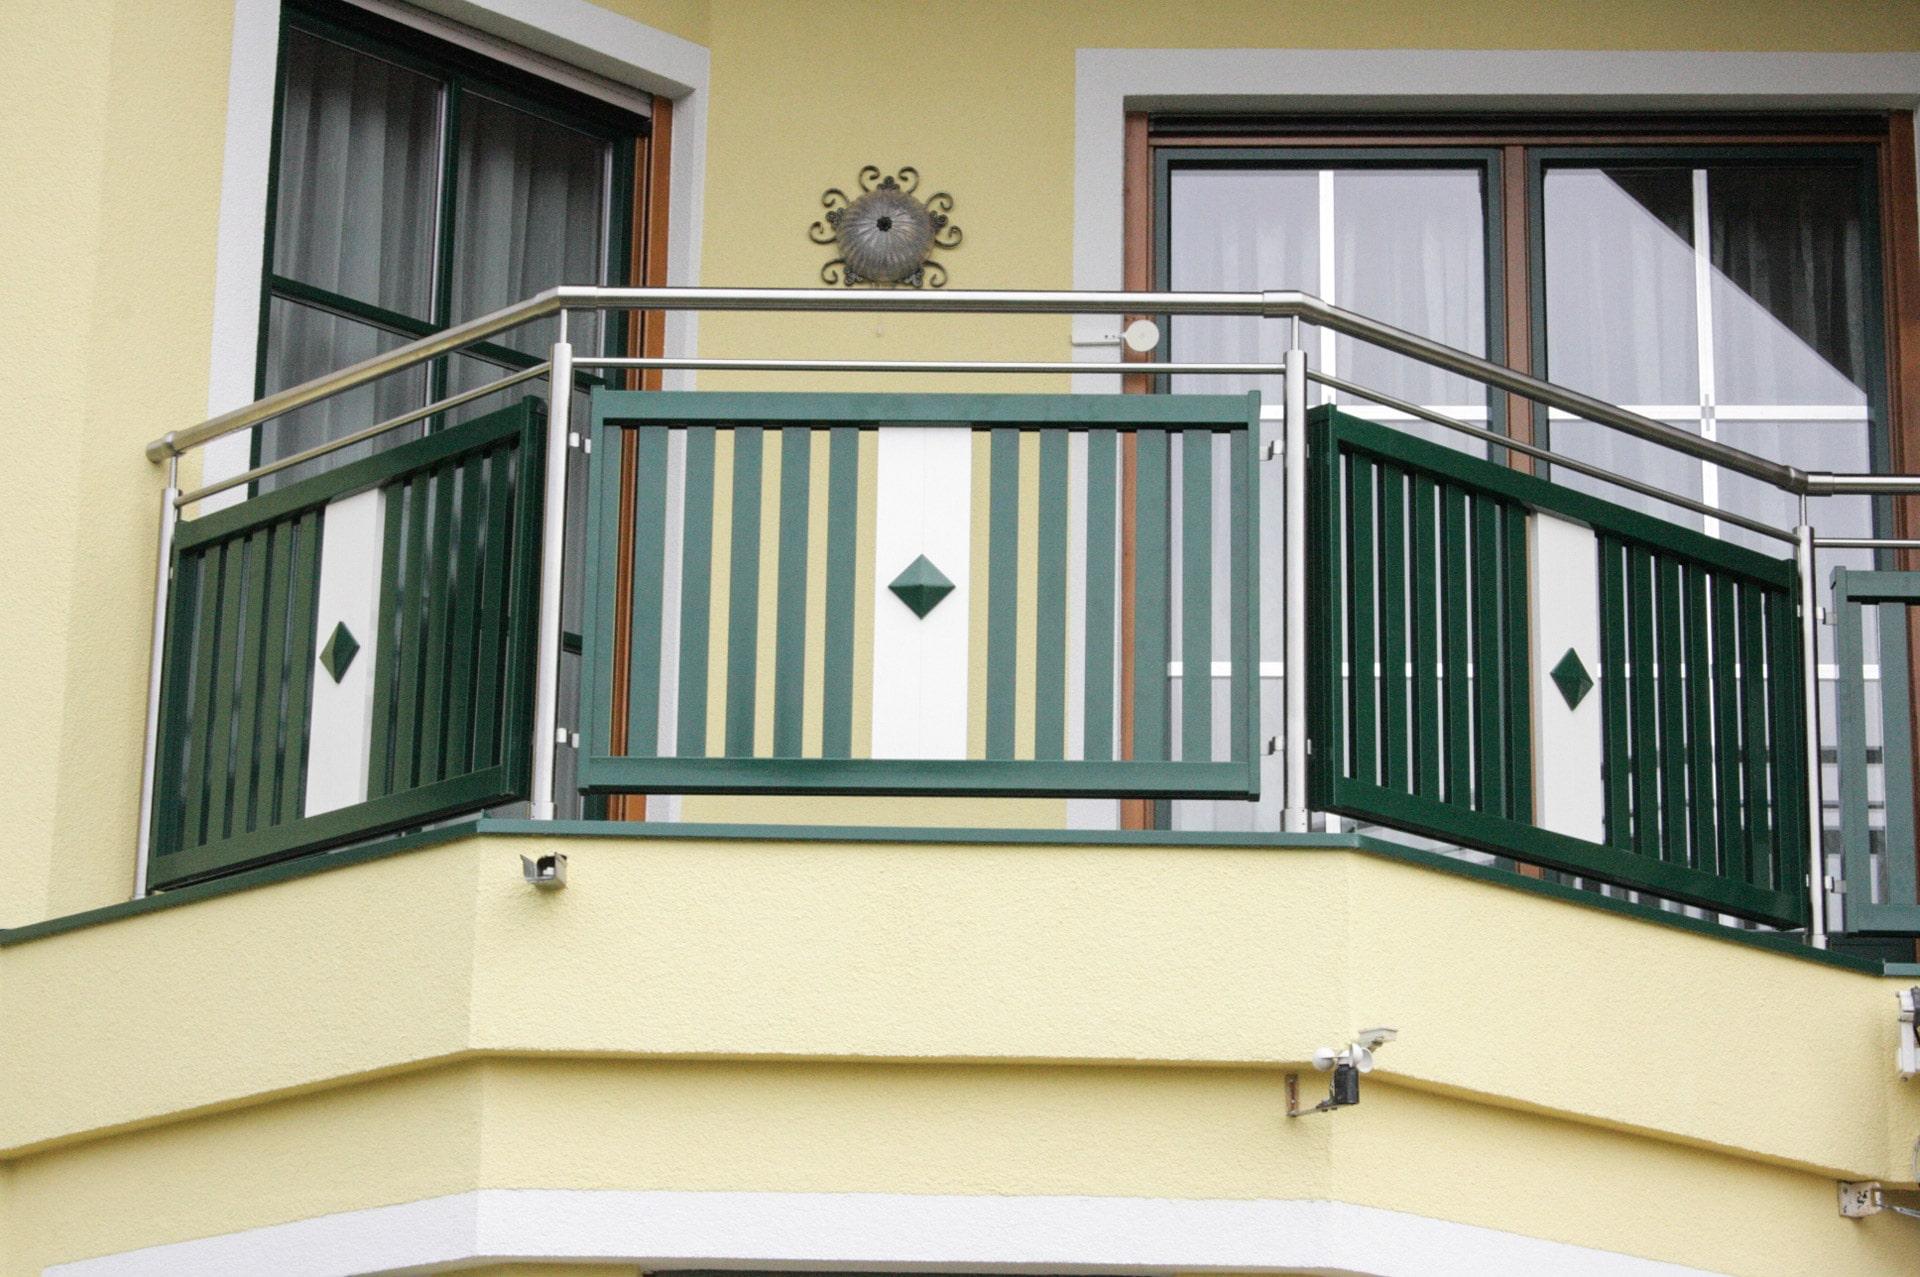 EA Lustenau 01 b   Edelstahl-Aluminium-Balkon-Geländer in grün-weiss mit vertikalen Latten und Knopfdekor   Svoboda Metalltechnik